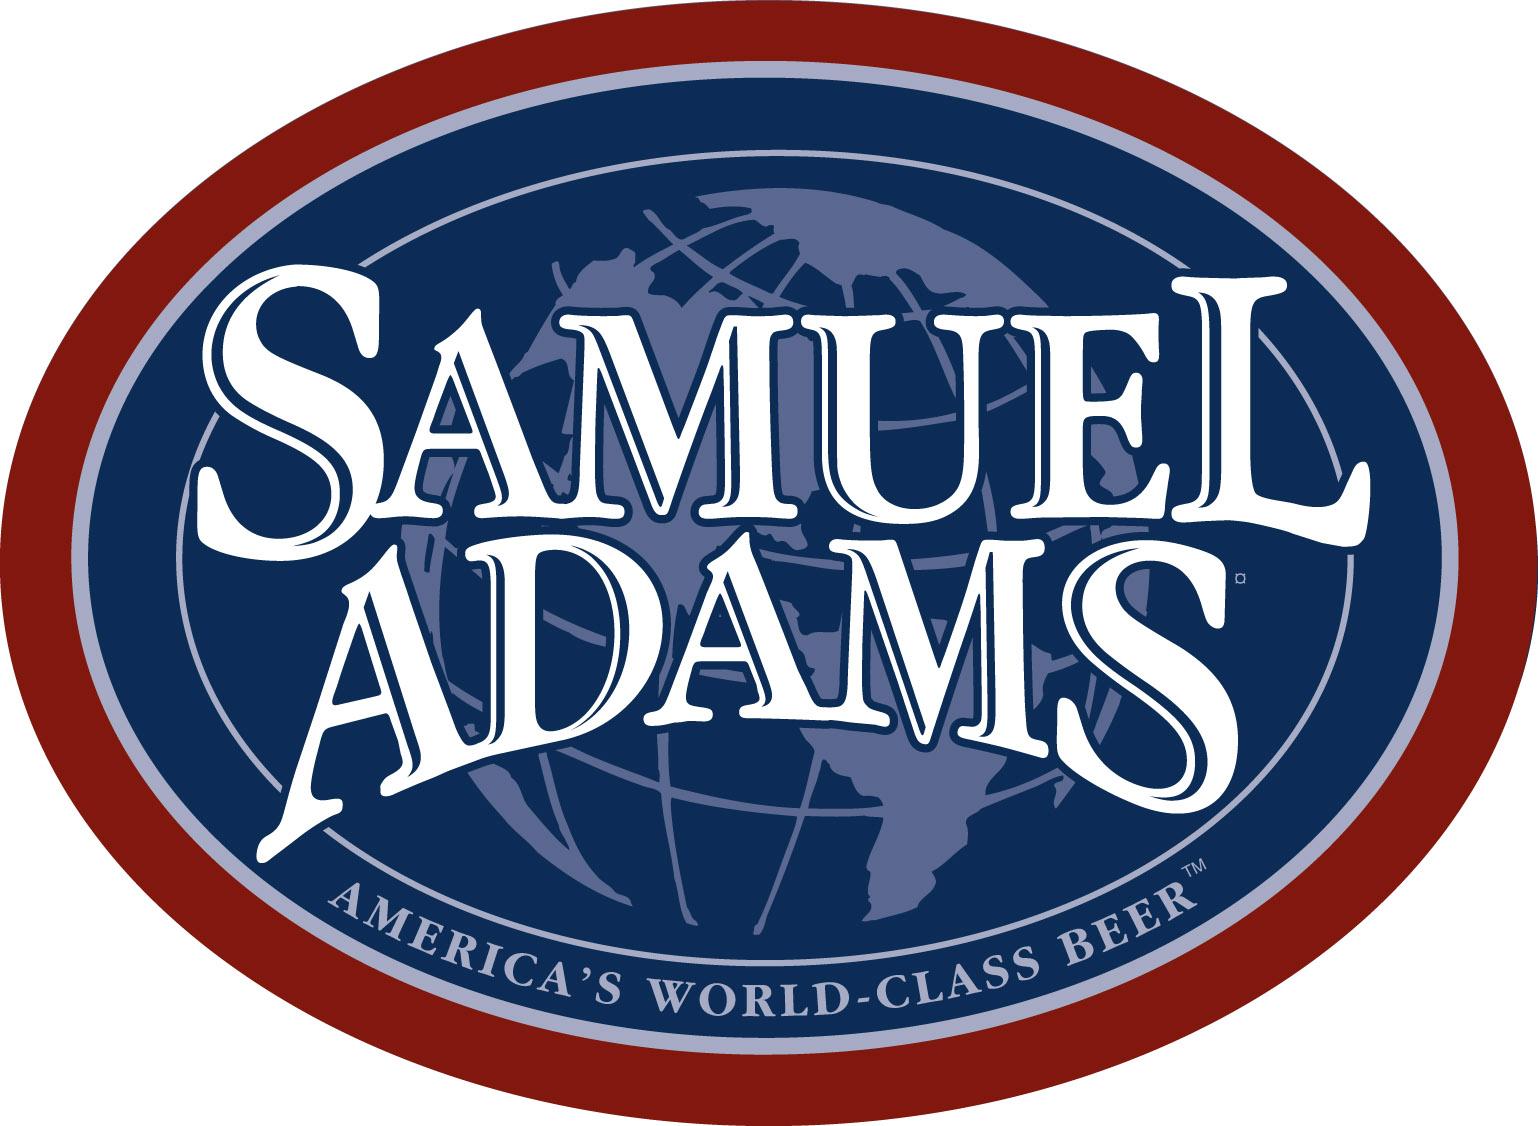 Samuel Adams Family